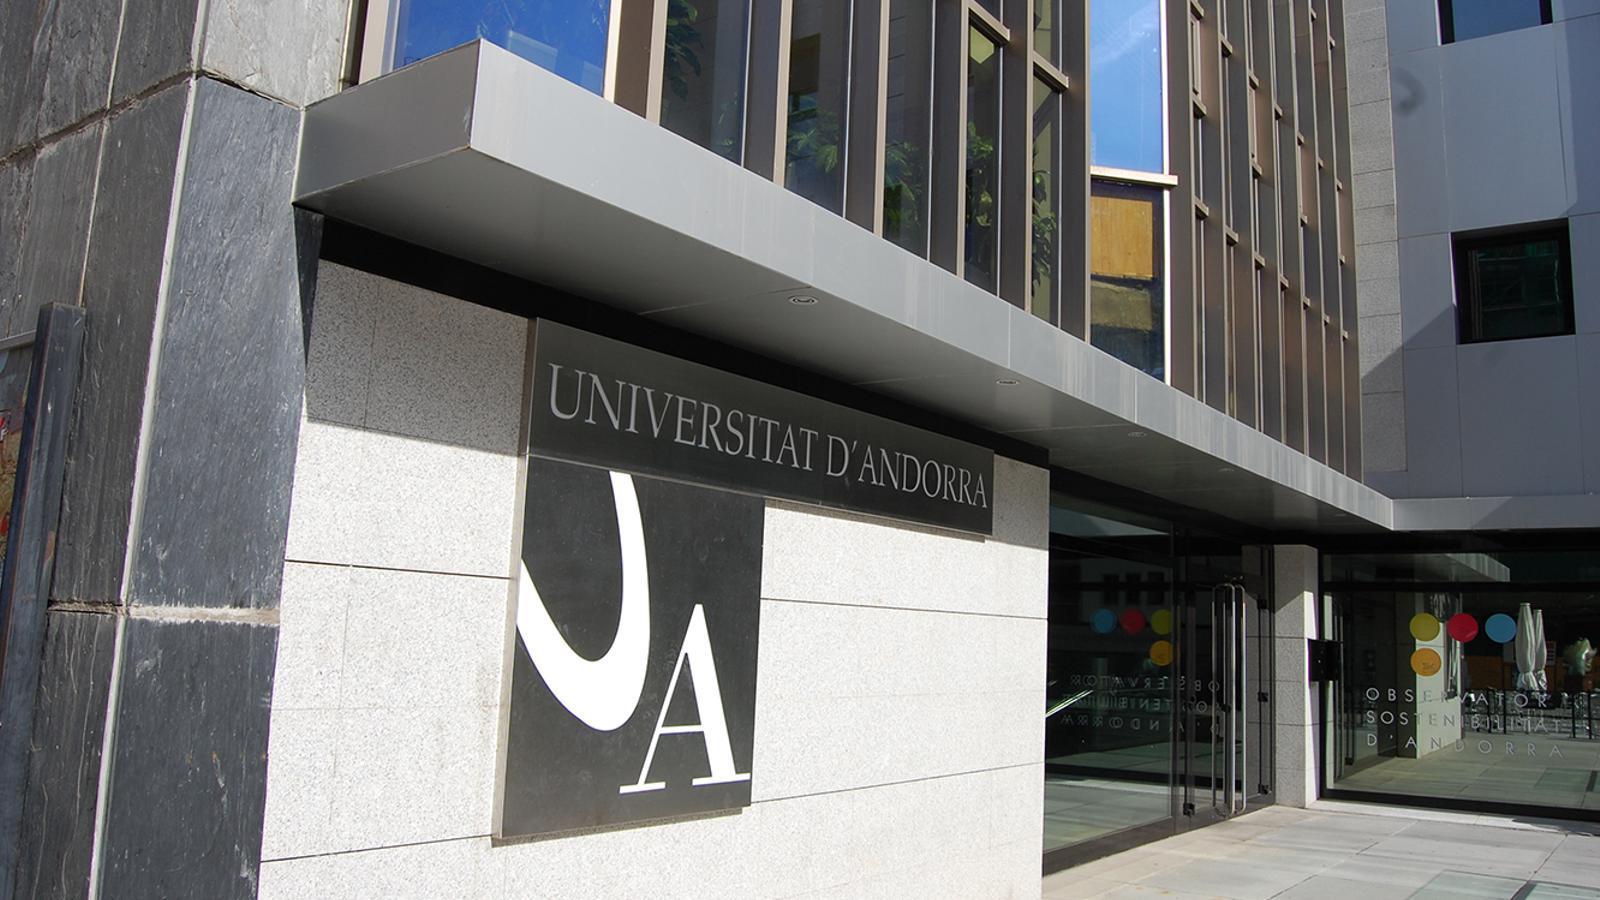 Façana de l'edifici de la Universitat d'Andorra. / ARXIU ANA